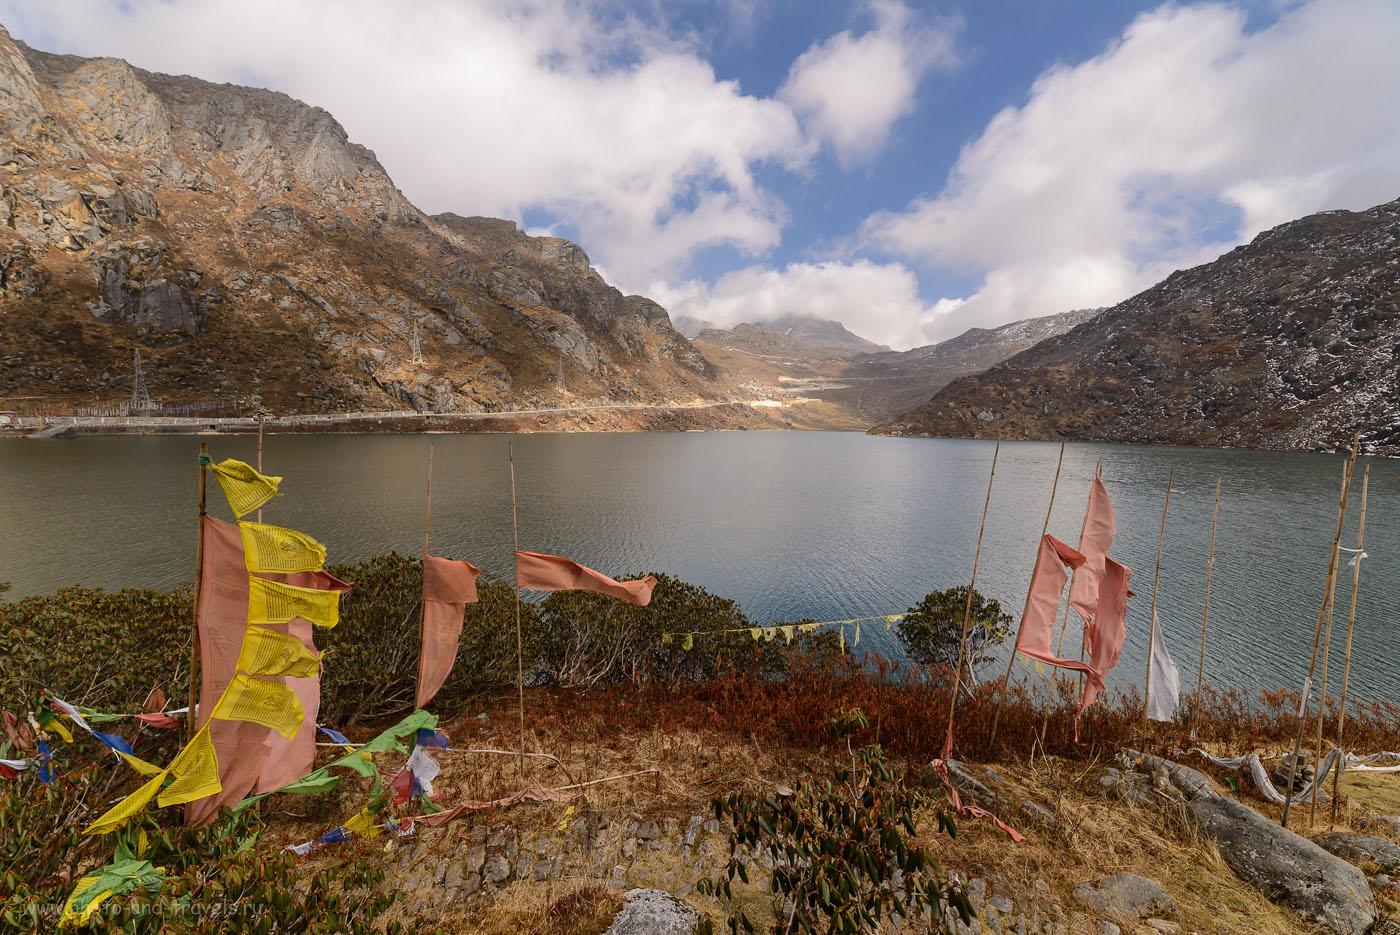 Фото 11. Красоты горного озера Тсонгмо в Гималаях. Отчет о путешествии в штат Сикким в Индии. 1/160, -1.0, 9.0, 100, 14.